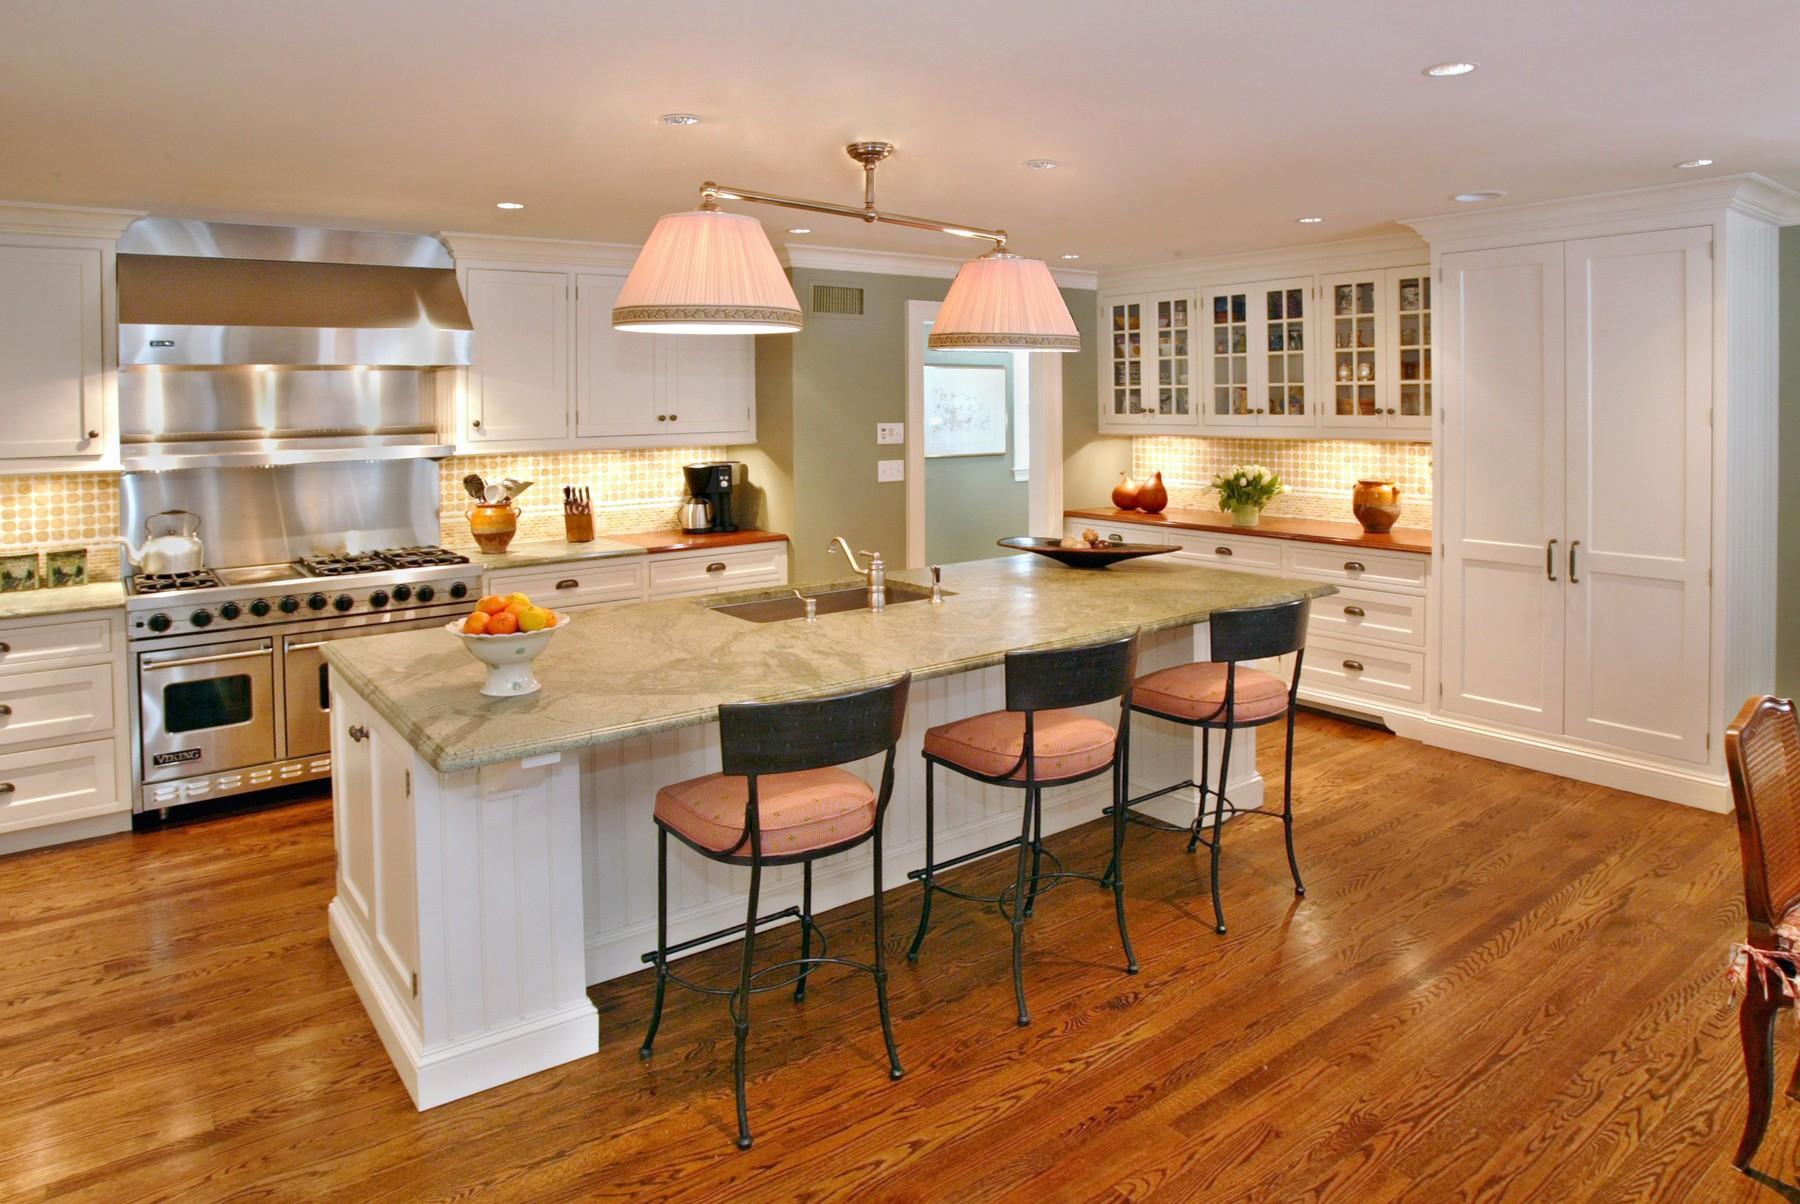 KitchenStraightFinaltouched2.jpg